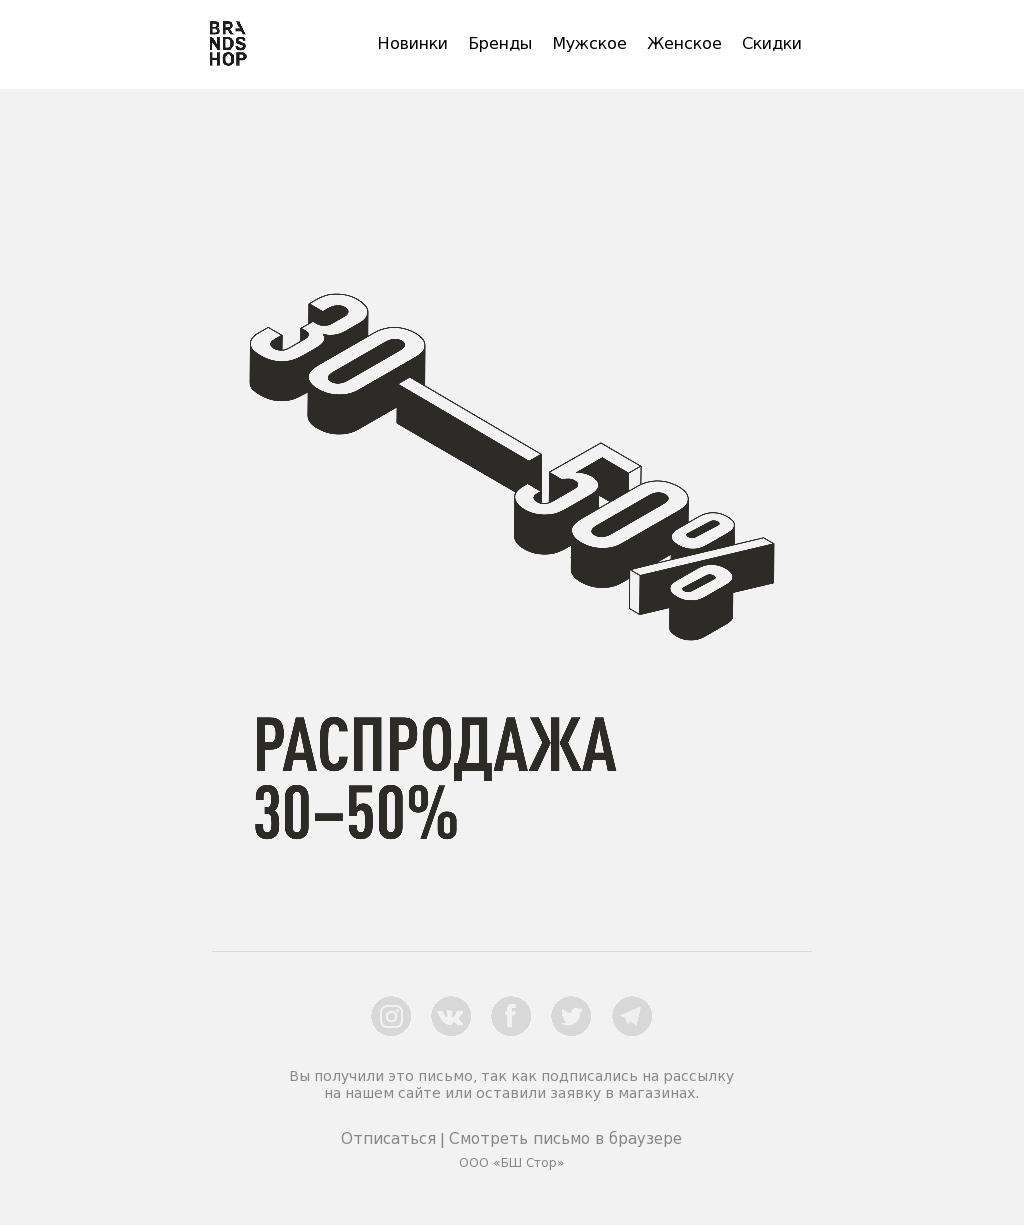 Пример акционного письма магазина Brandshop о распродаже 30-50%